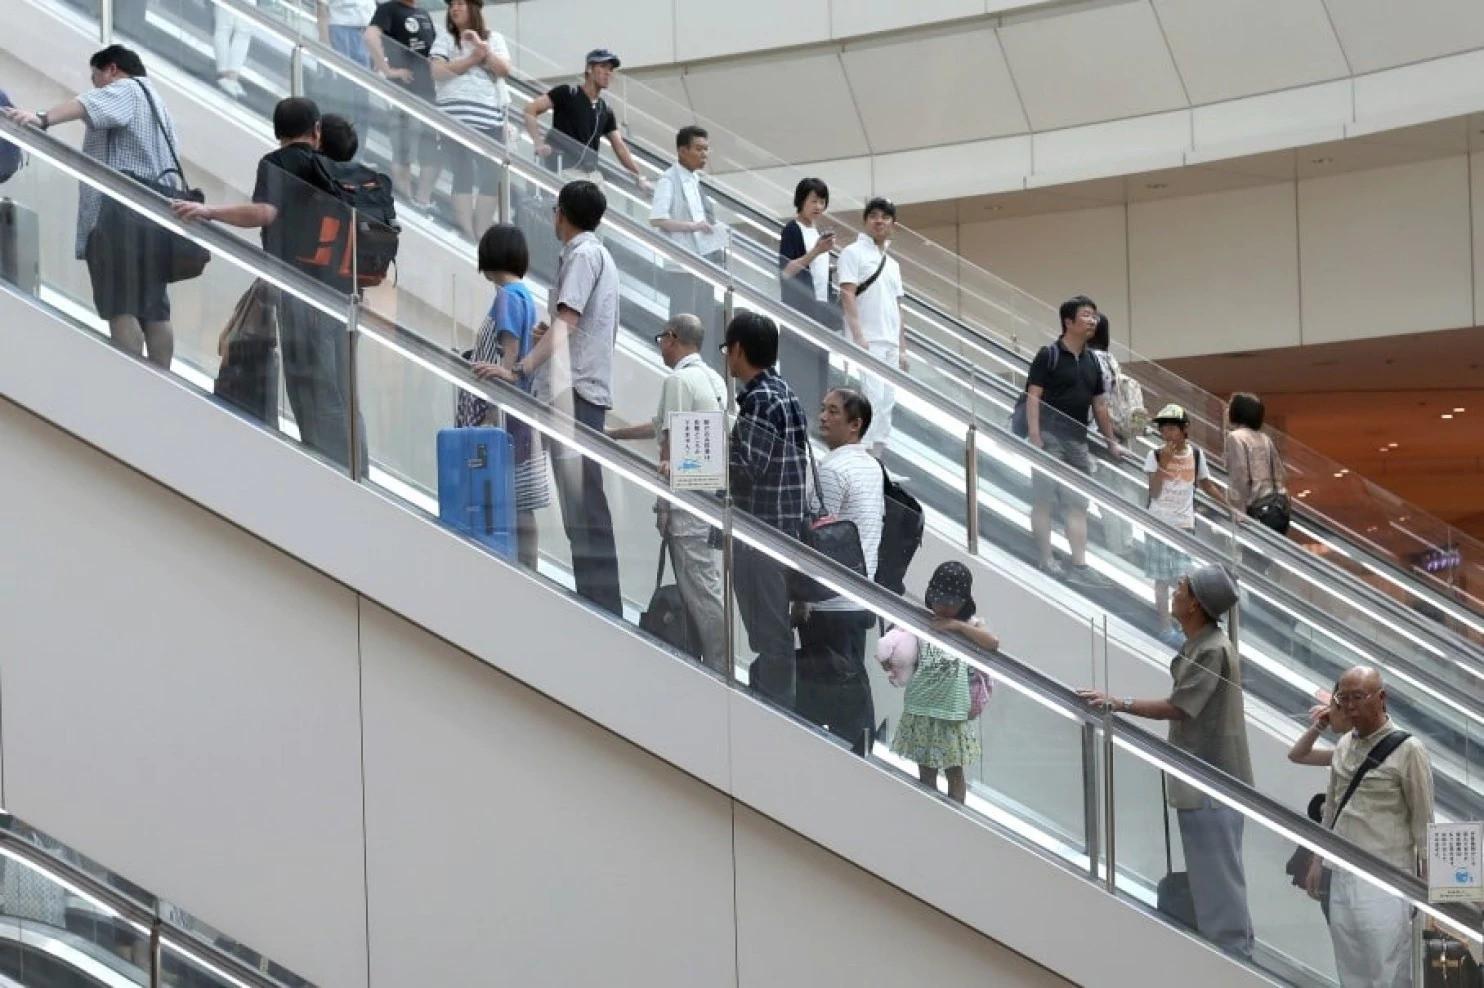 """Vì sao người Nhật chỉ đứng một bên khi đi thang cuốn: Câu trả lời thực sự khiến bạn """"ngả mũ kính phục dân tộc này - Ảnh 3."""